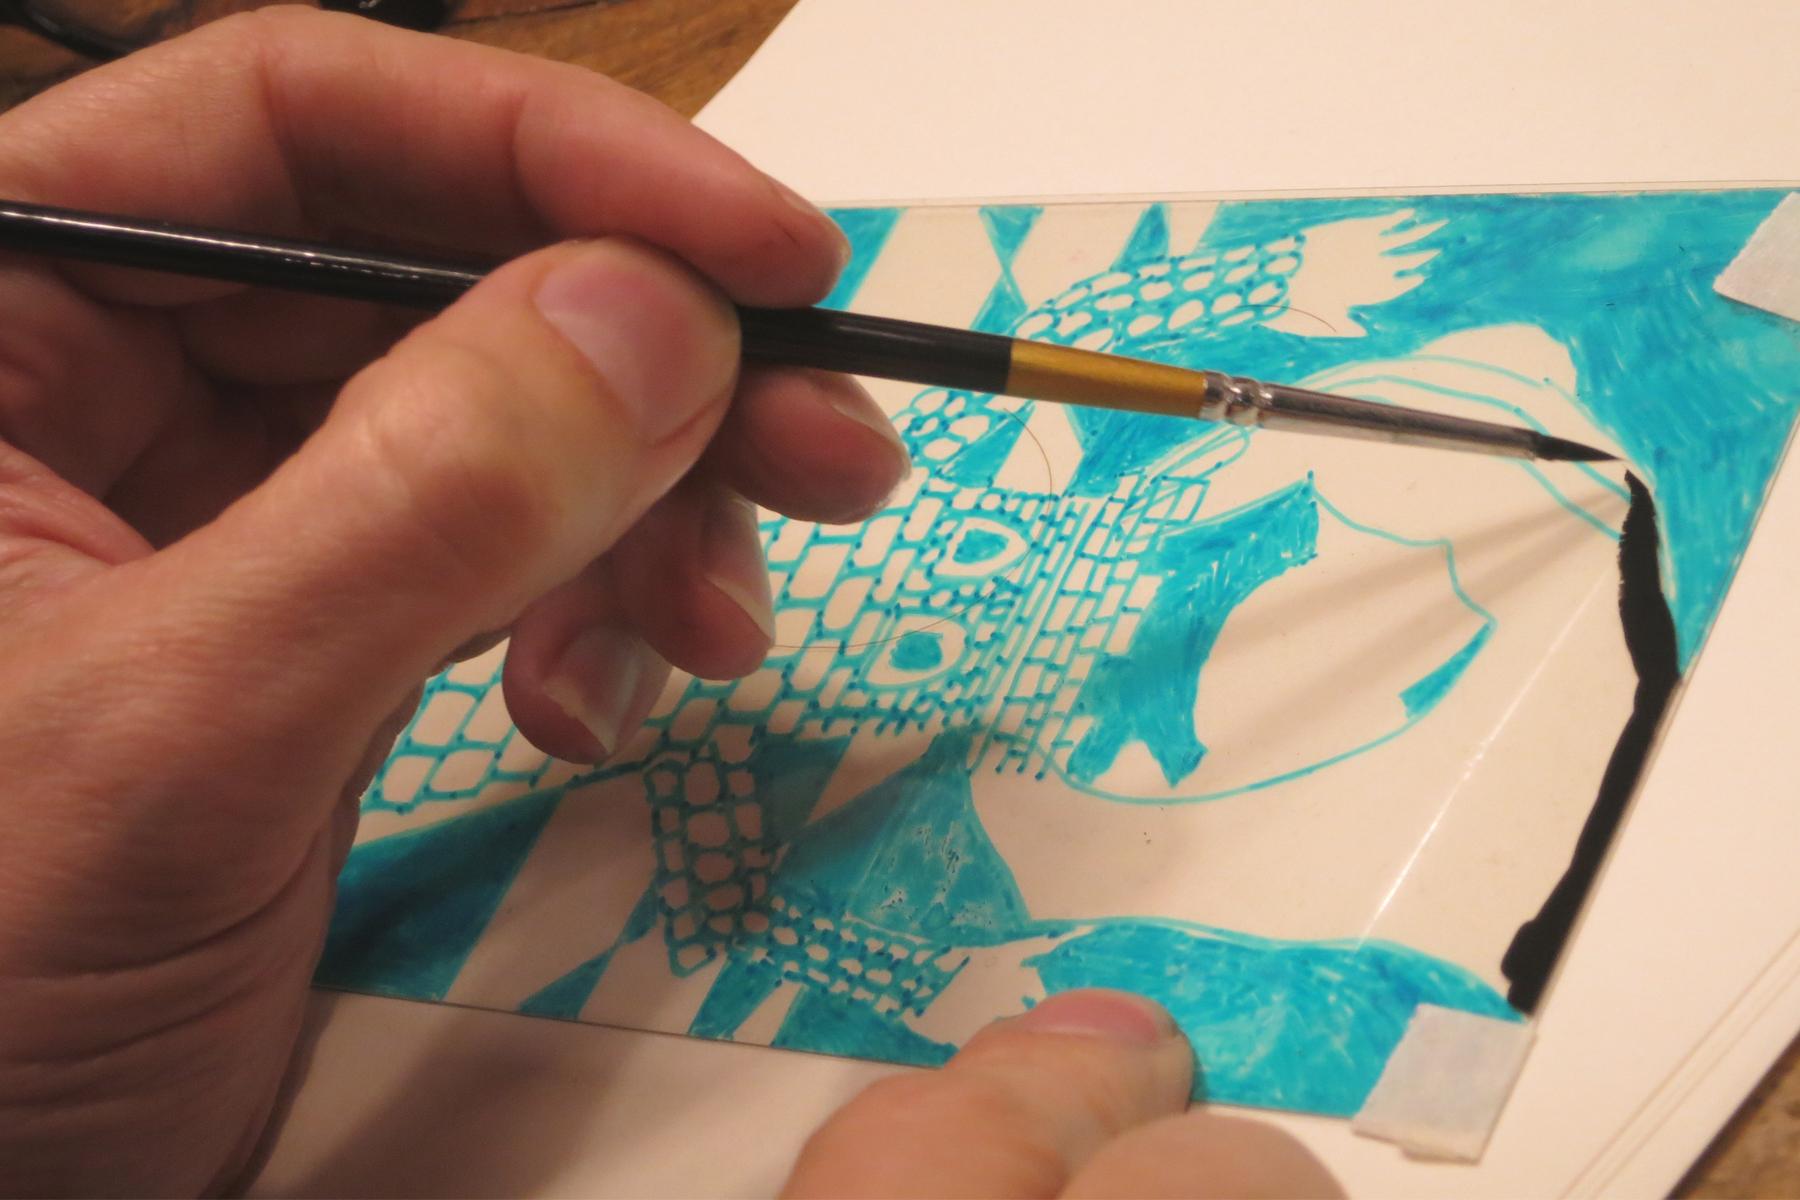 4-iluspress-ilustracion-fotopolimeros-grabado-taller-letra-por-letra-papel-principal-letterpress-imprenta-tipografica-1.jpg